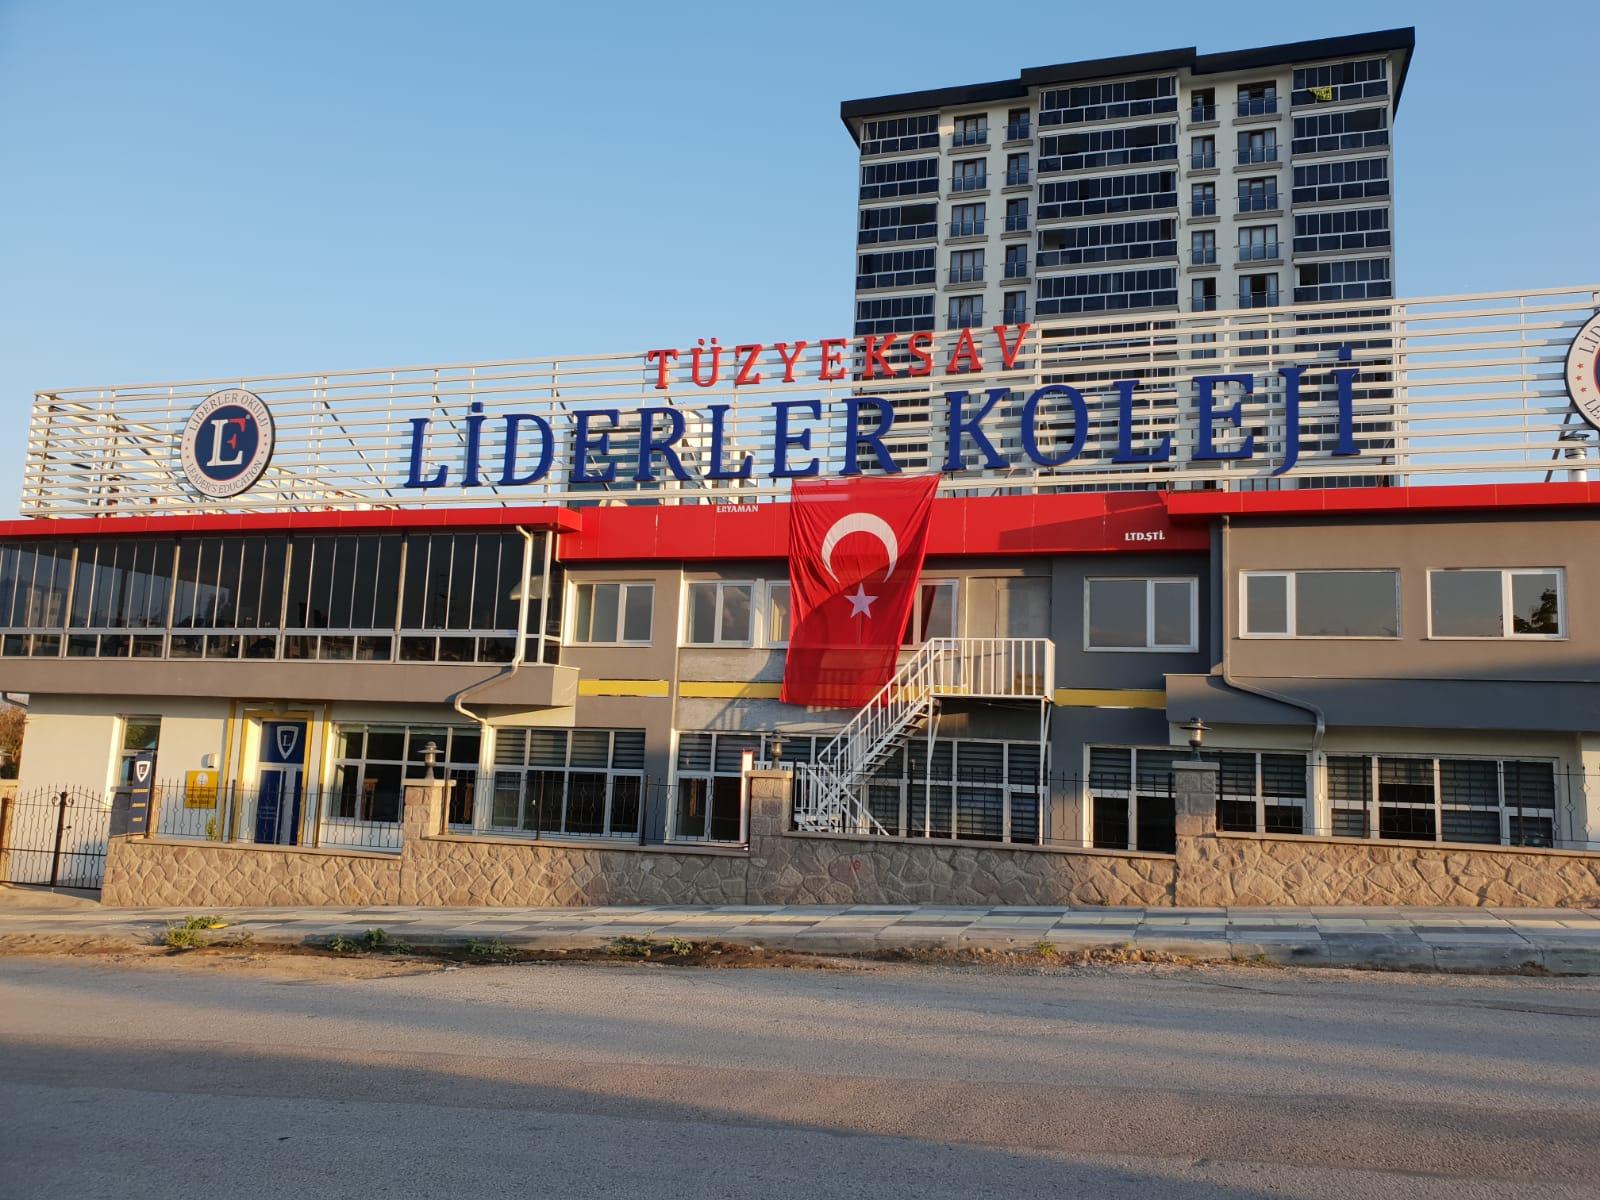 TÜZYEKSAV Liderler Koleji Eryaman'da açılıyor.